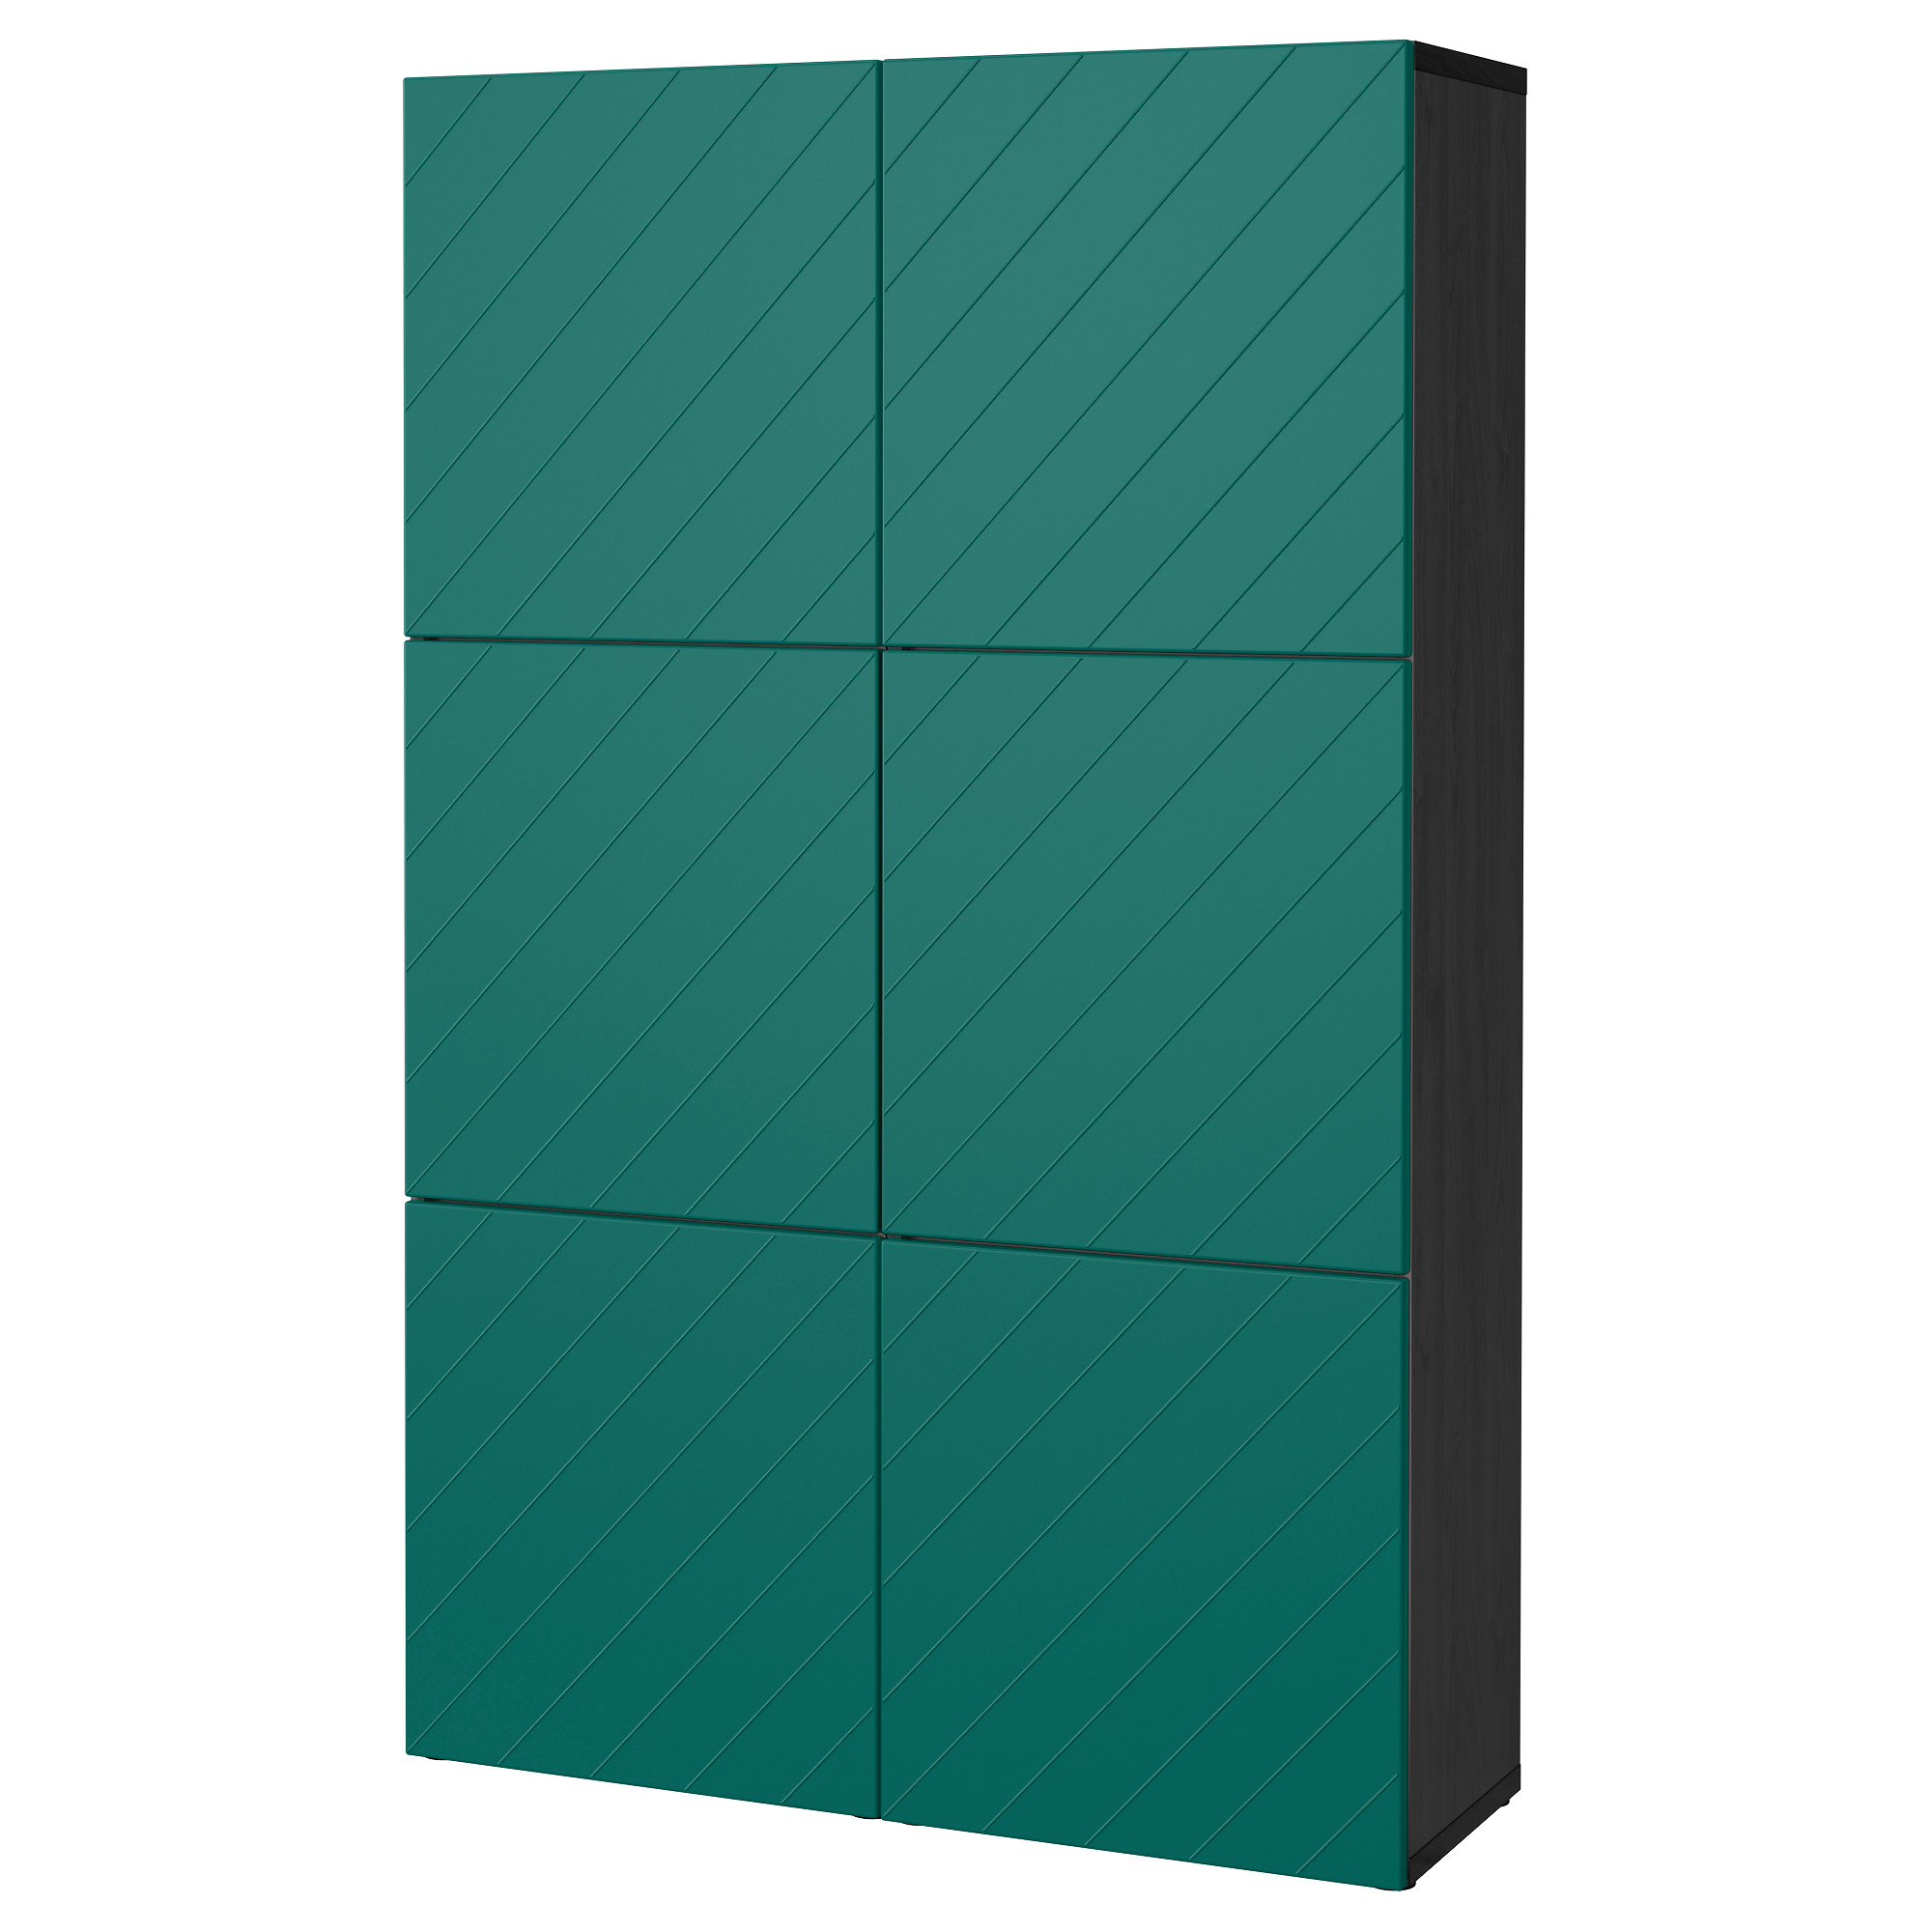 Комбинация для хранения с дверцами БЕСТО сине-зеленый артикуль № 992.763.68 в наличии. Online каталог IKEA Беларусь. Быстрая доставка и установка.